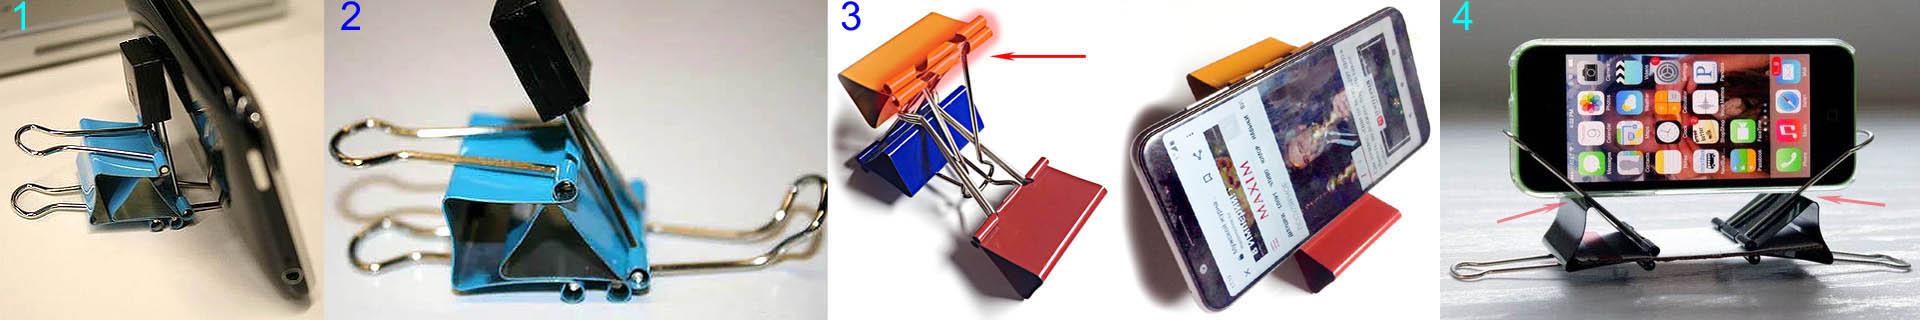 วิธีการทำขาตั้งสำหรับคลิปหนีบกระดาษ